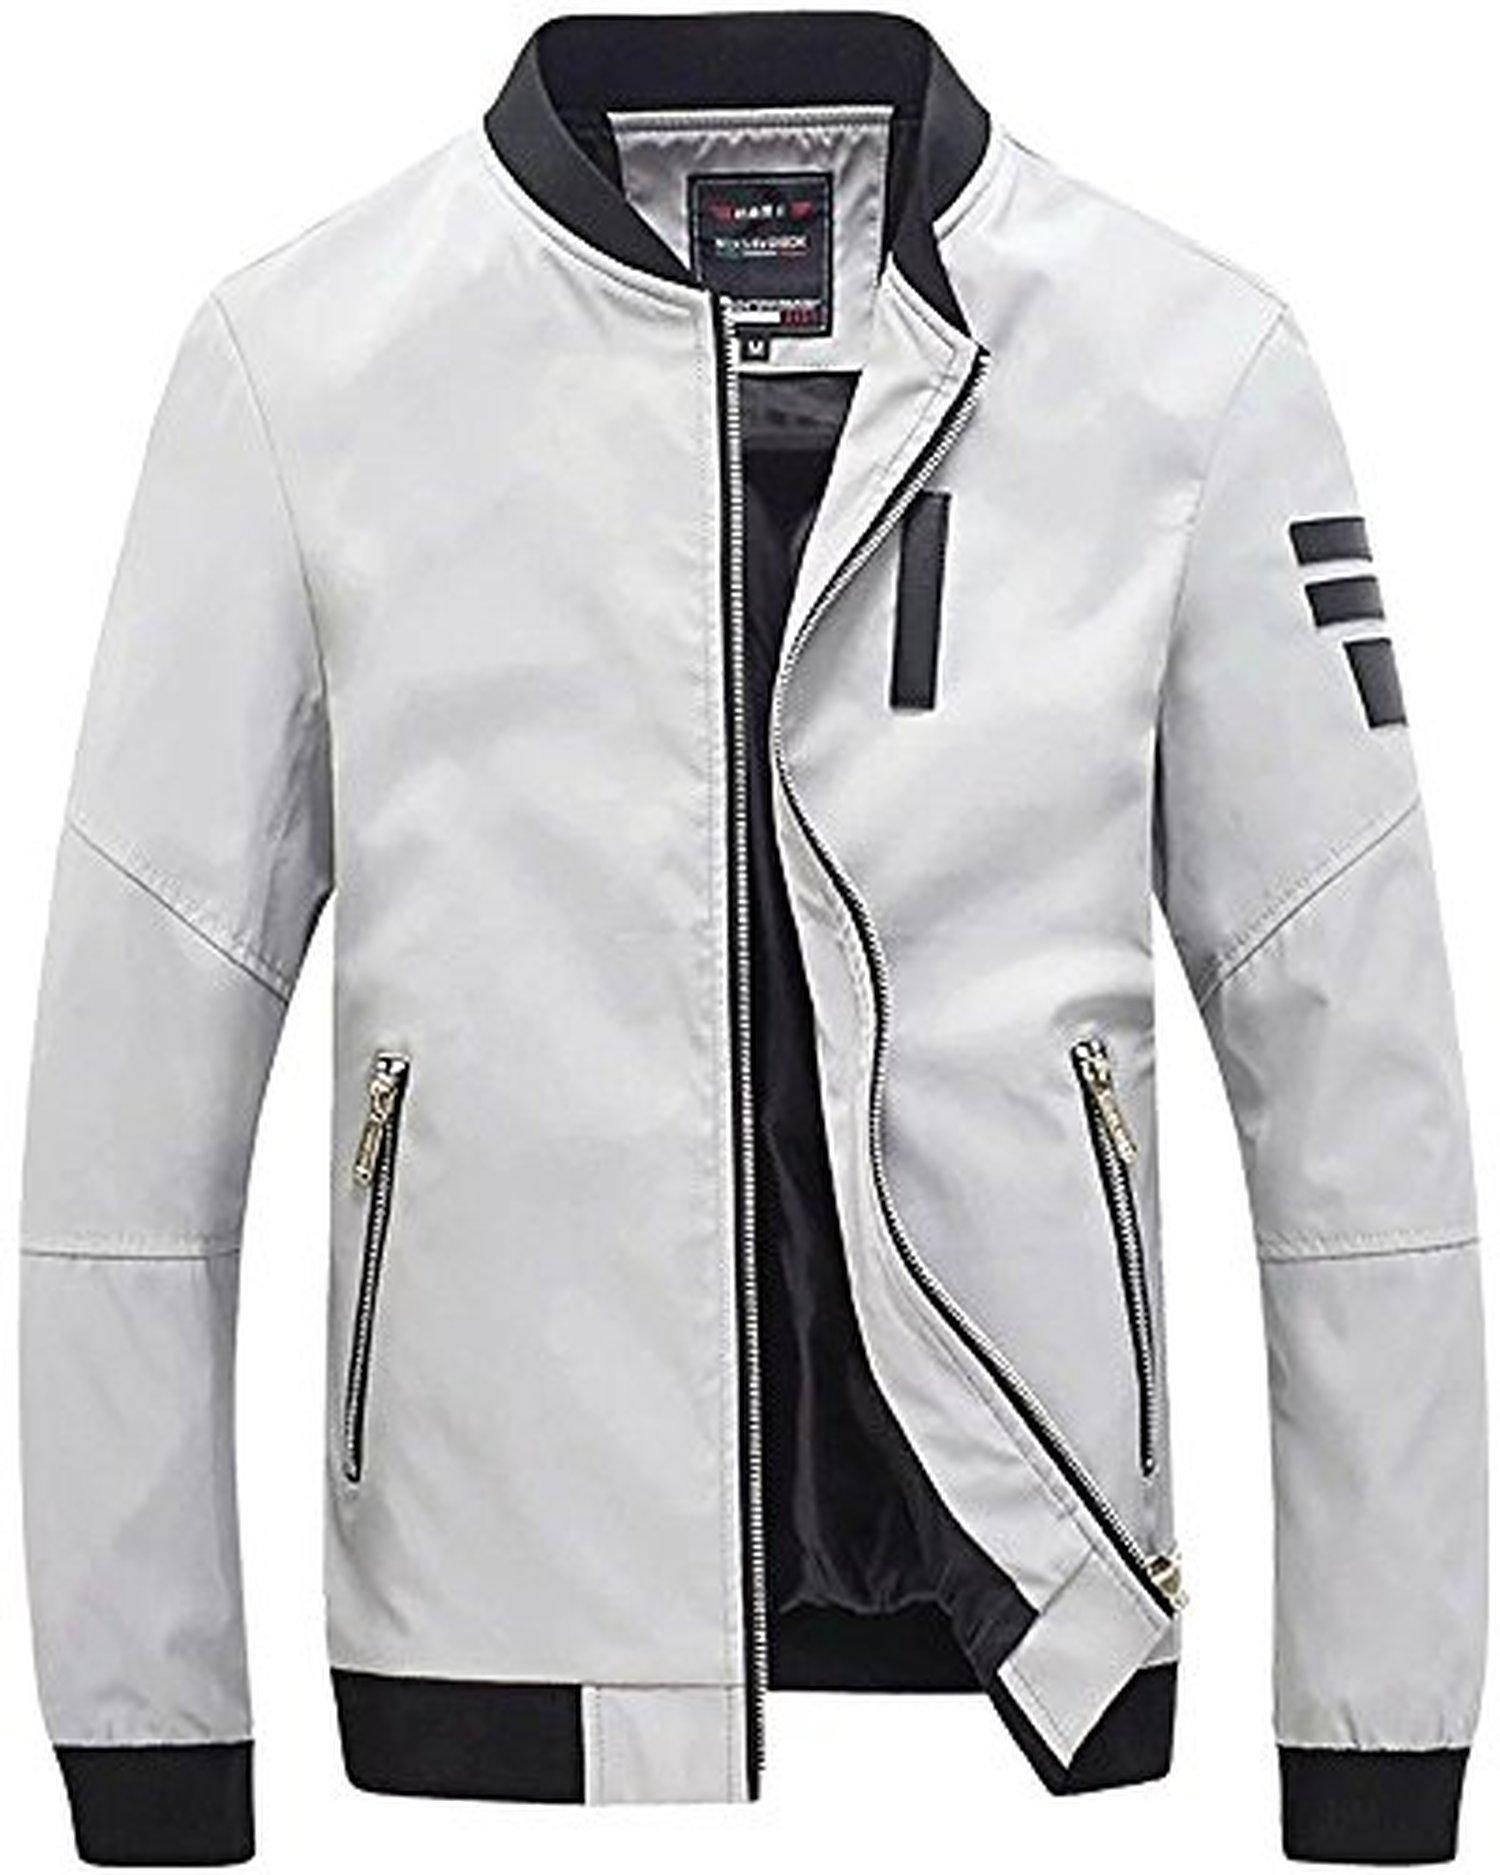 Men S Fashion Stand Collar Zipper Casual Slim Fit Bomber Jacket Coat Grey Slim Fit Bomber Jacket Casual Bomber Jackets Stand Collar Jackets [ 1875 x 1500 Pixel ]